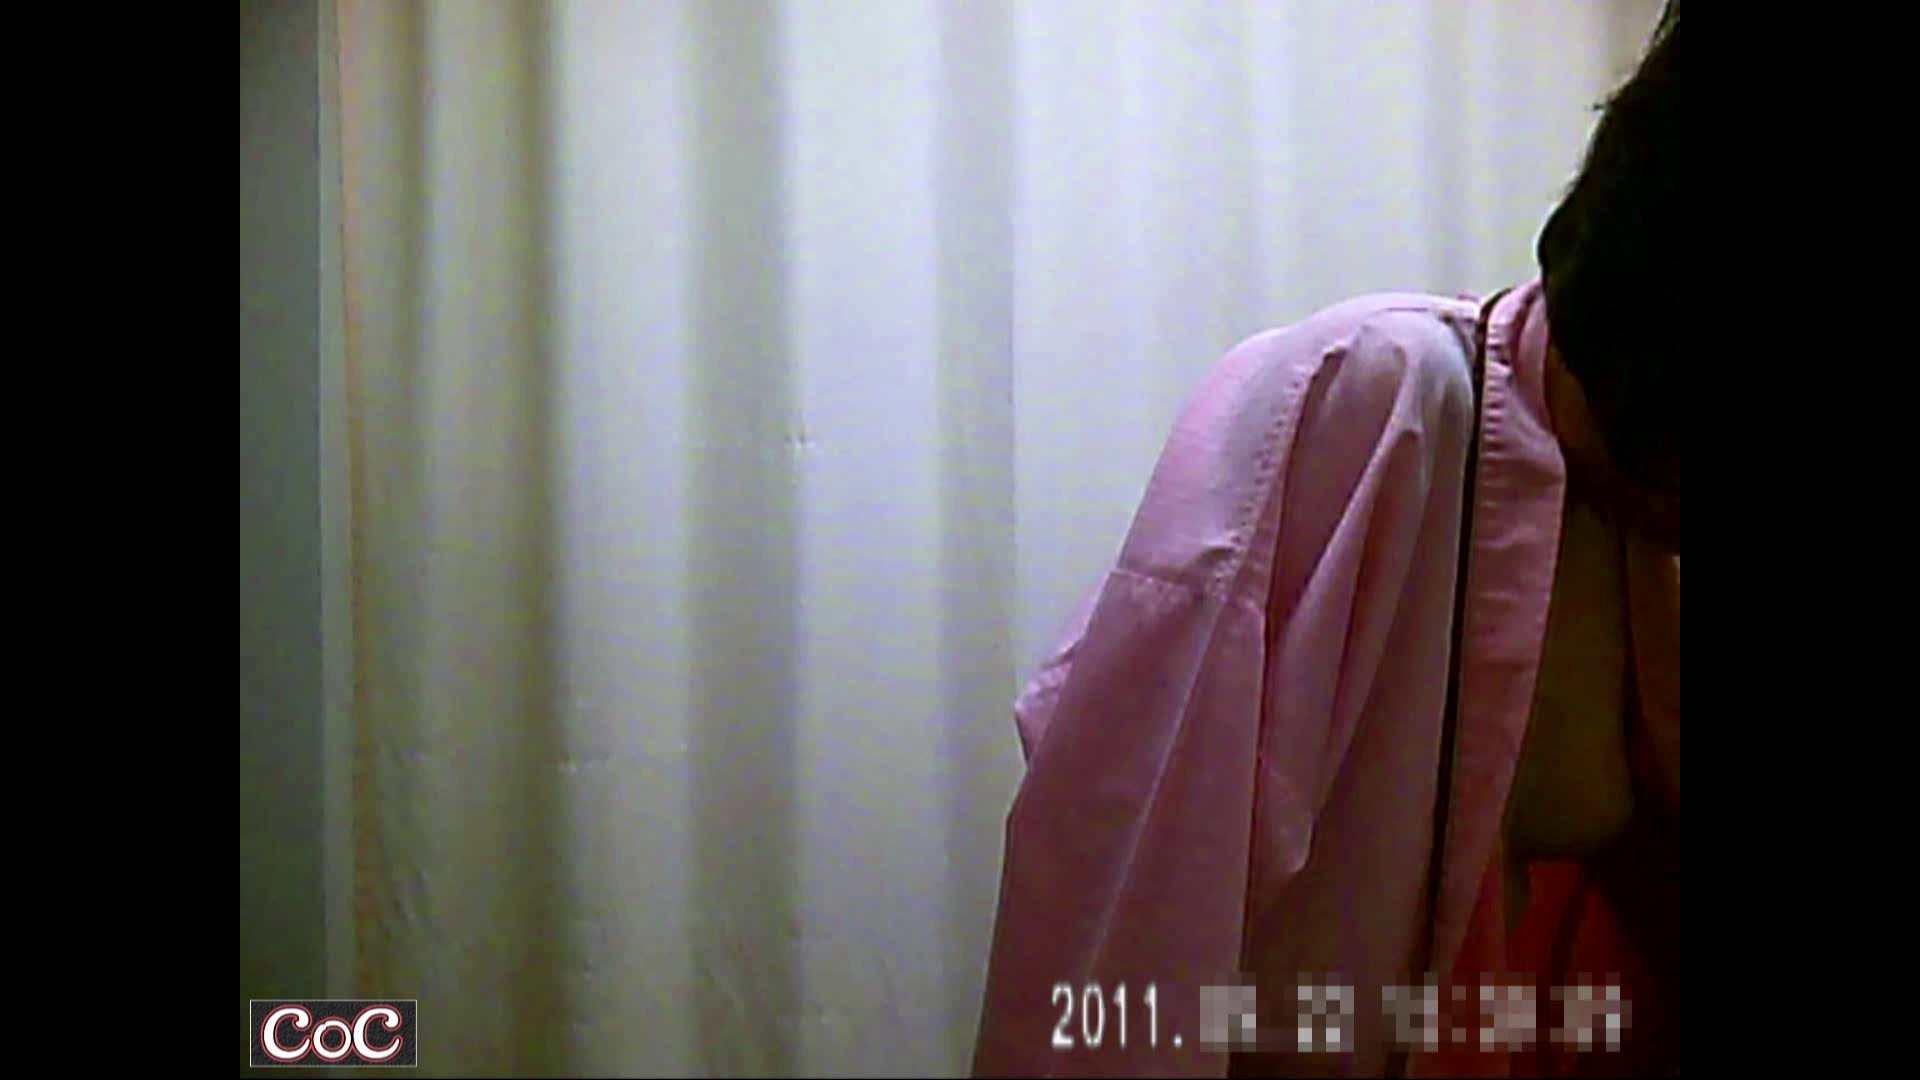 病院おもいっきり着替え! vol.32 おっぱい 盗み撮りAV無料動画キャプチャ 92画像 25